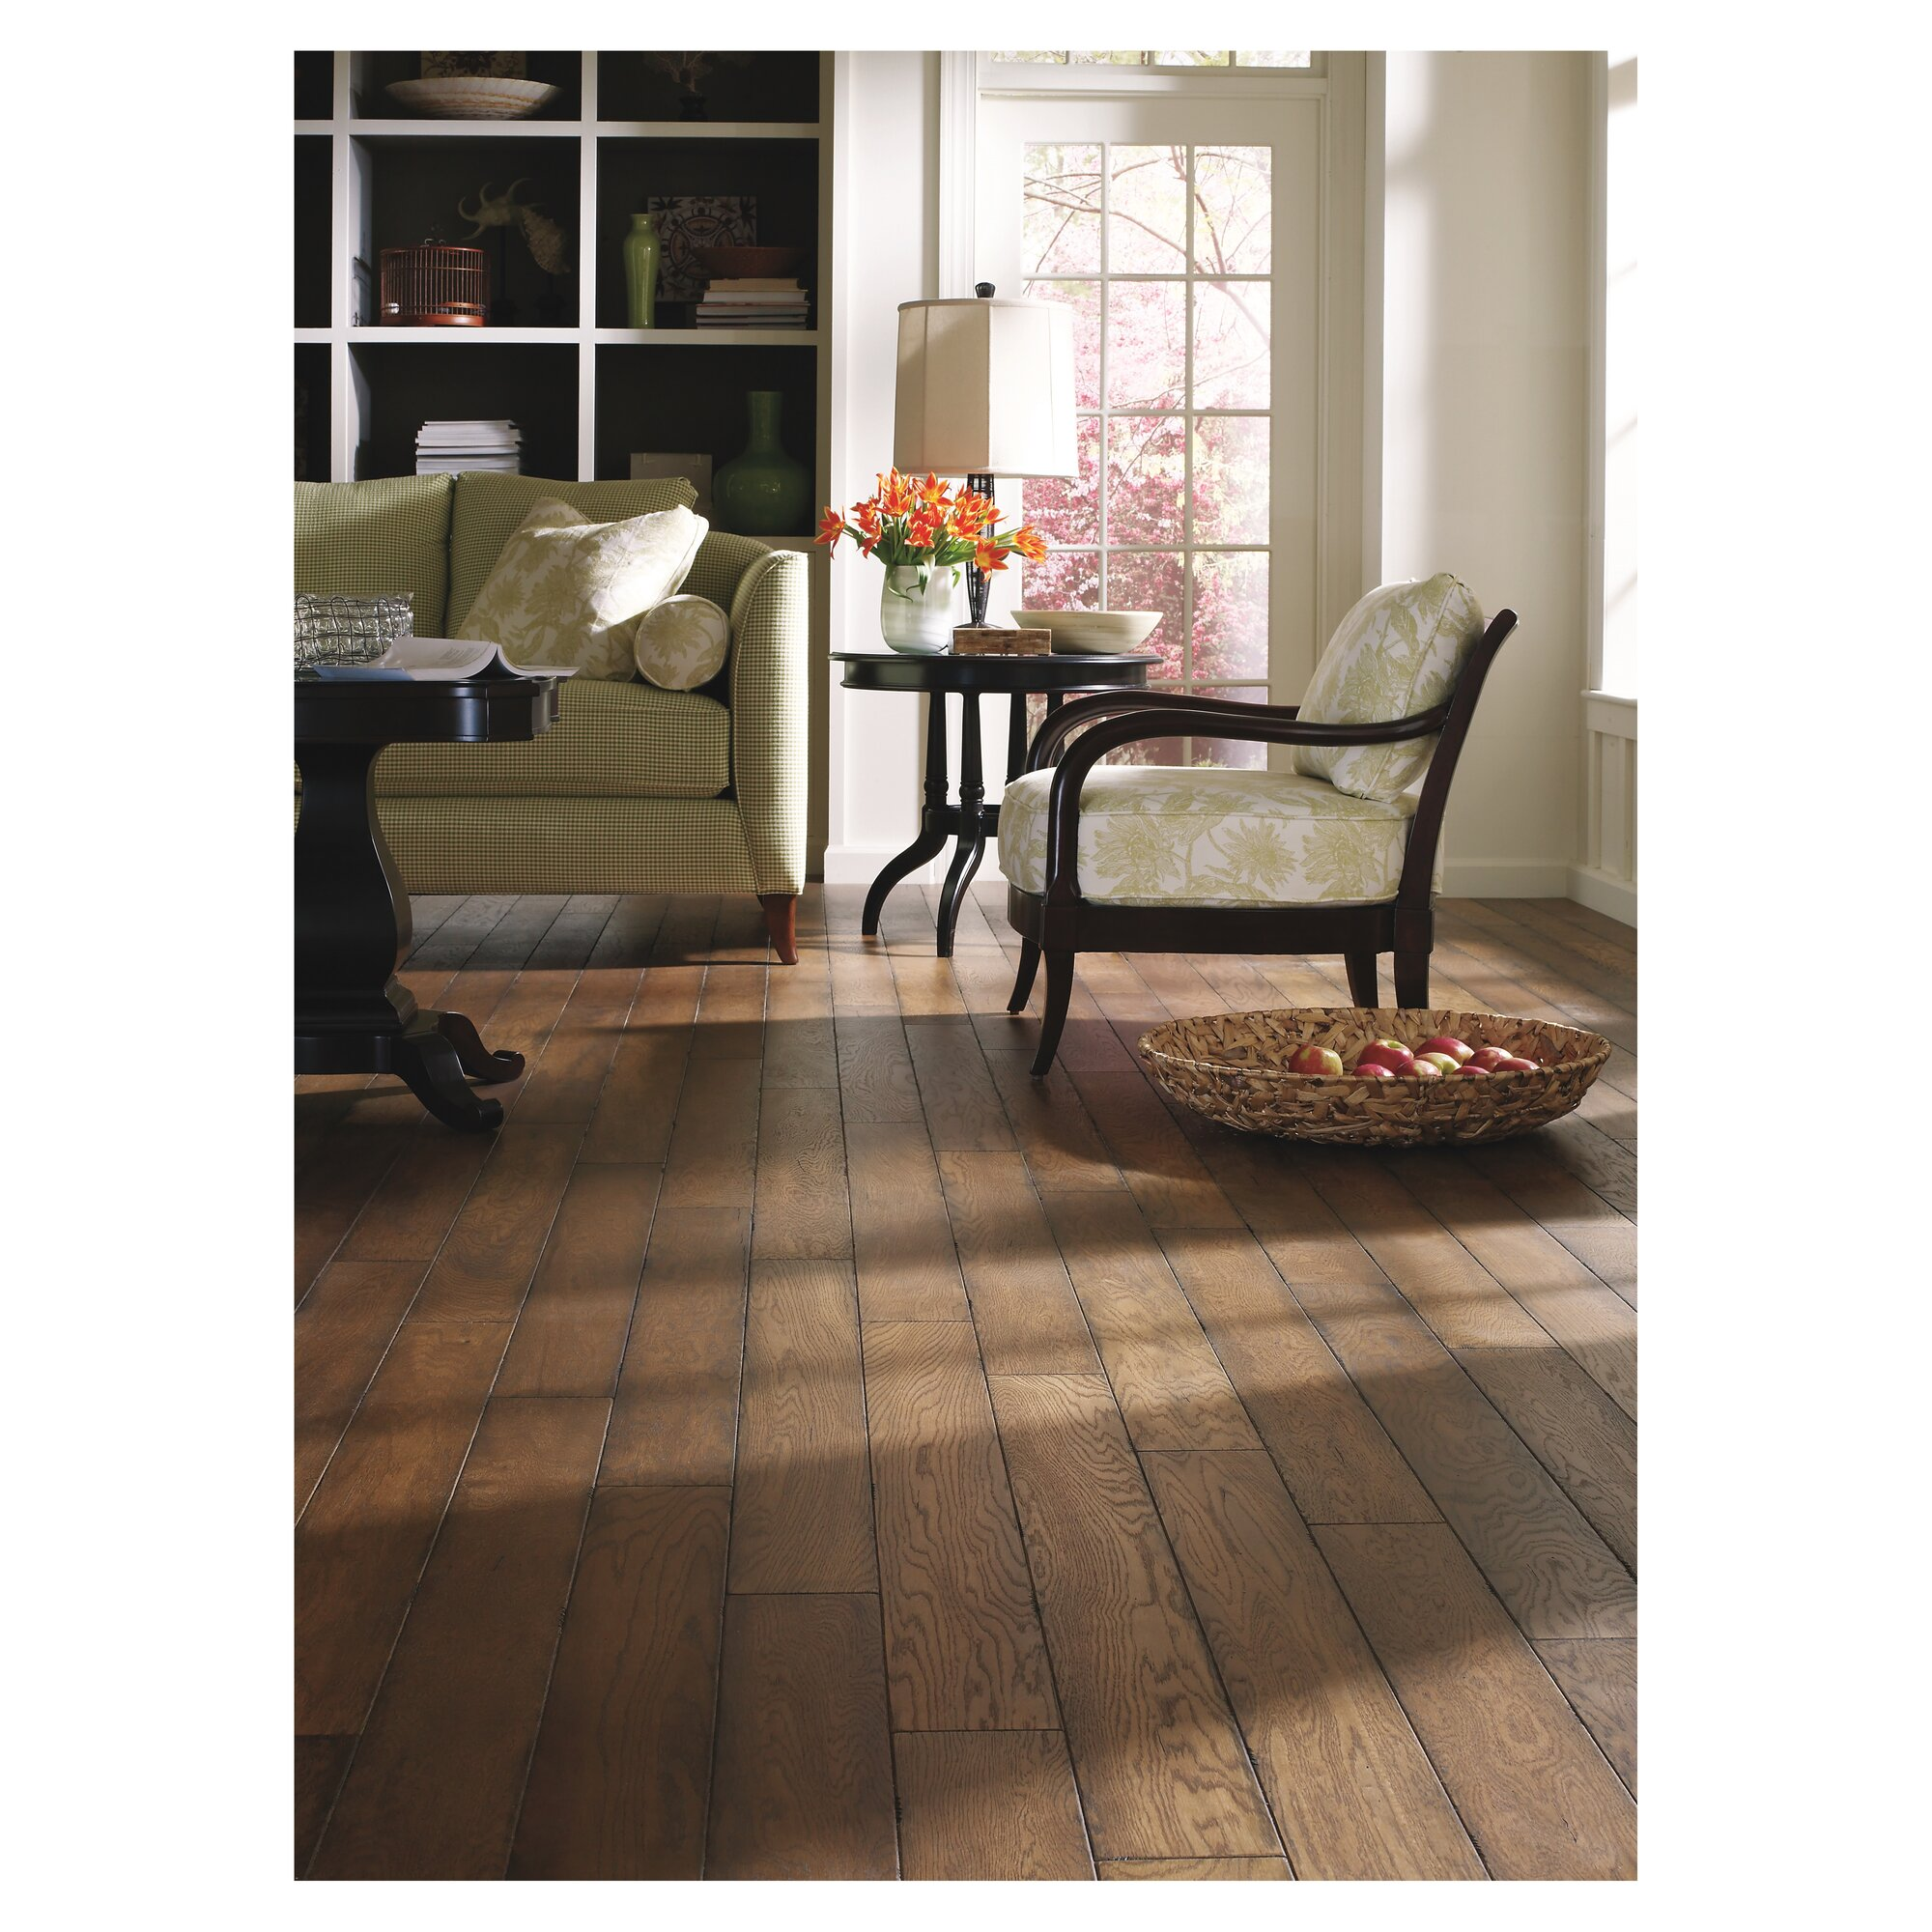 Sfi engineered wood floors reviews - 5 Engineered White Oak Hardwood Flooring In Artisan